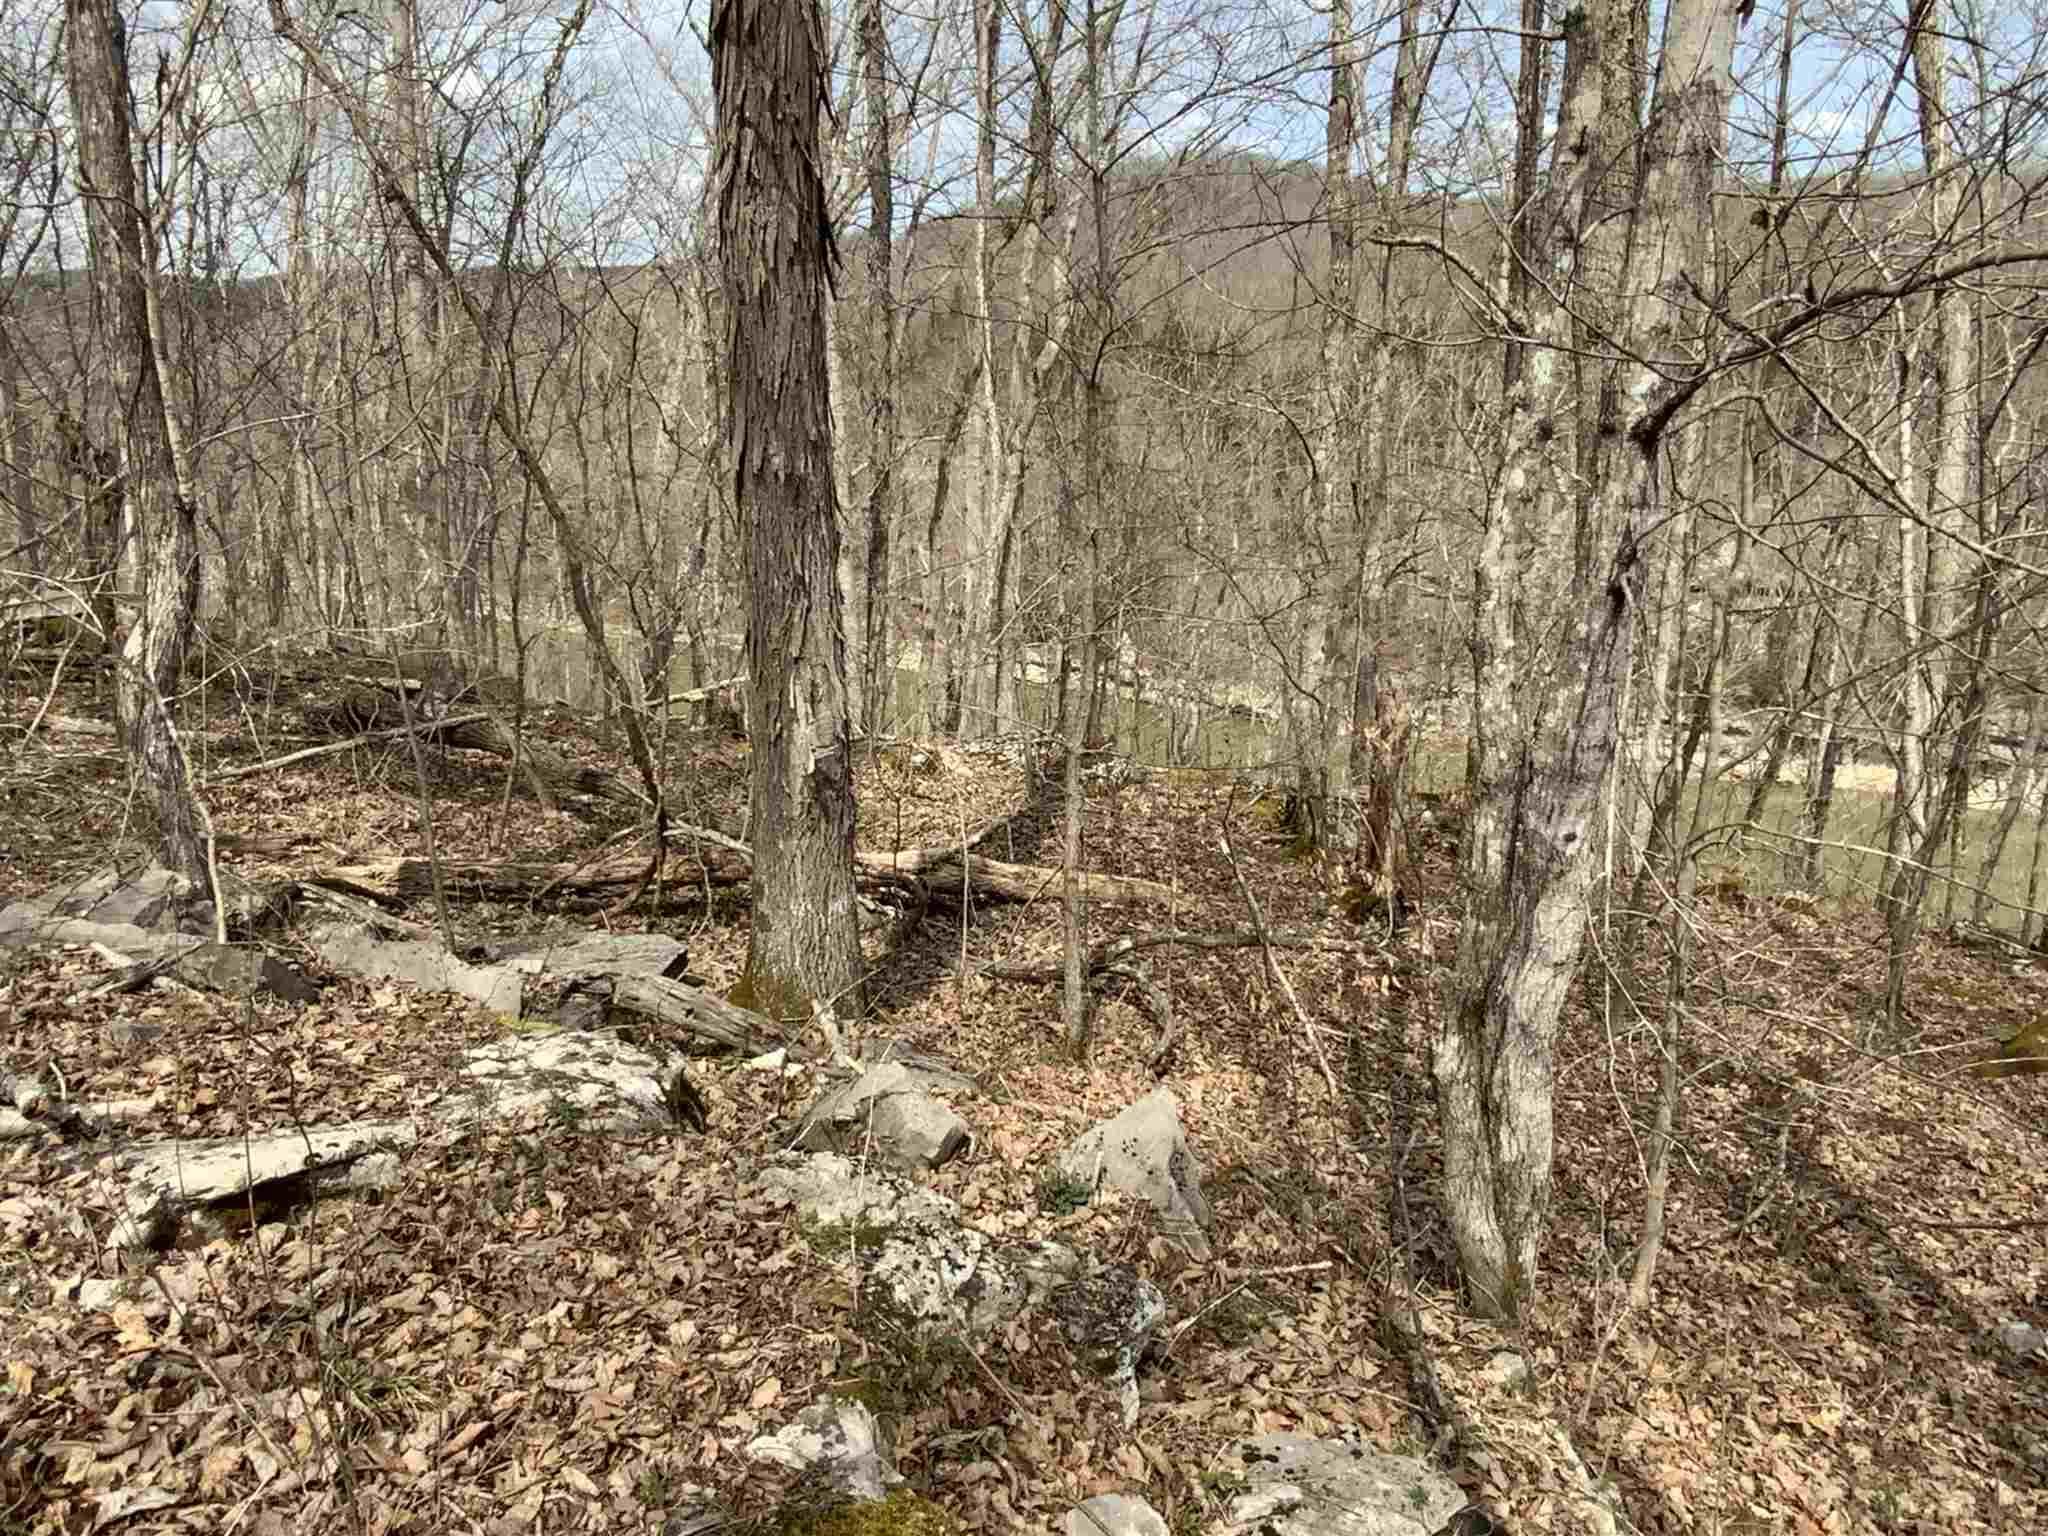 Photo 3 for Sec 1 Buck Creek Hideaway #L7 L8 Burnside, KY 42501